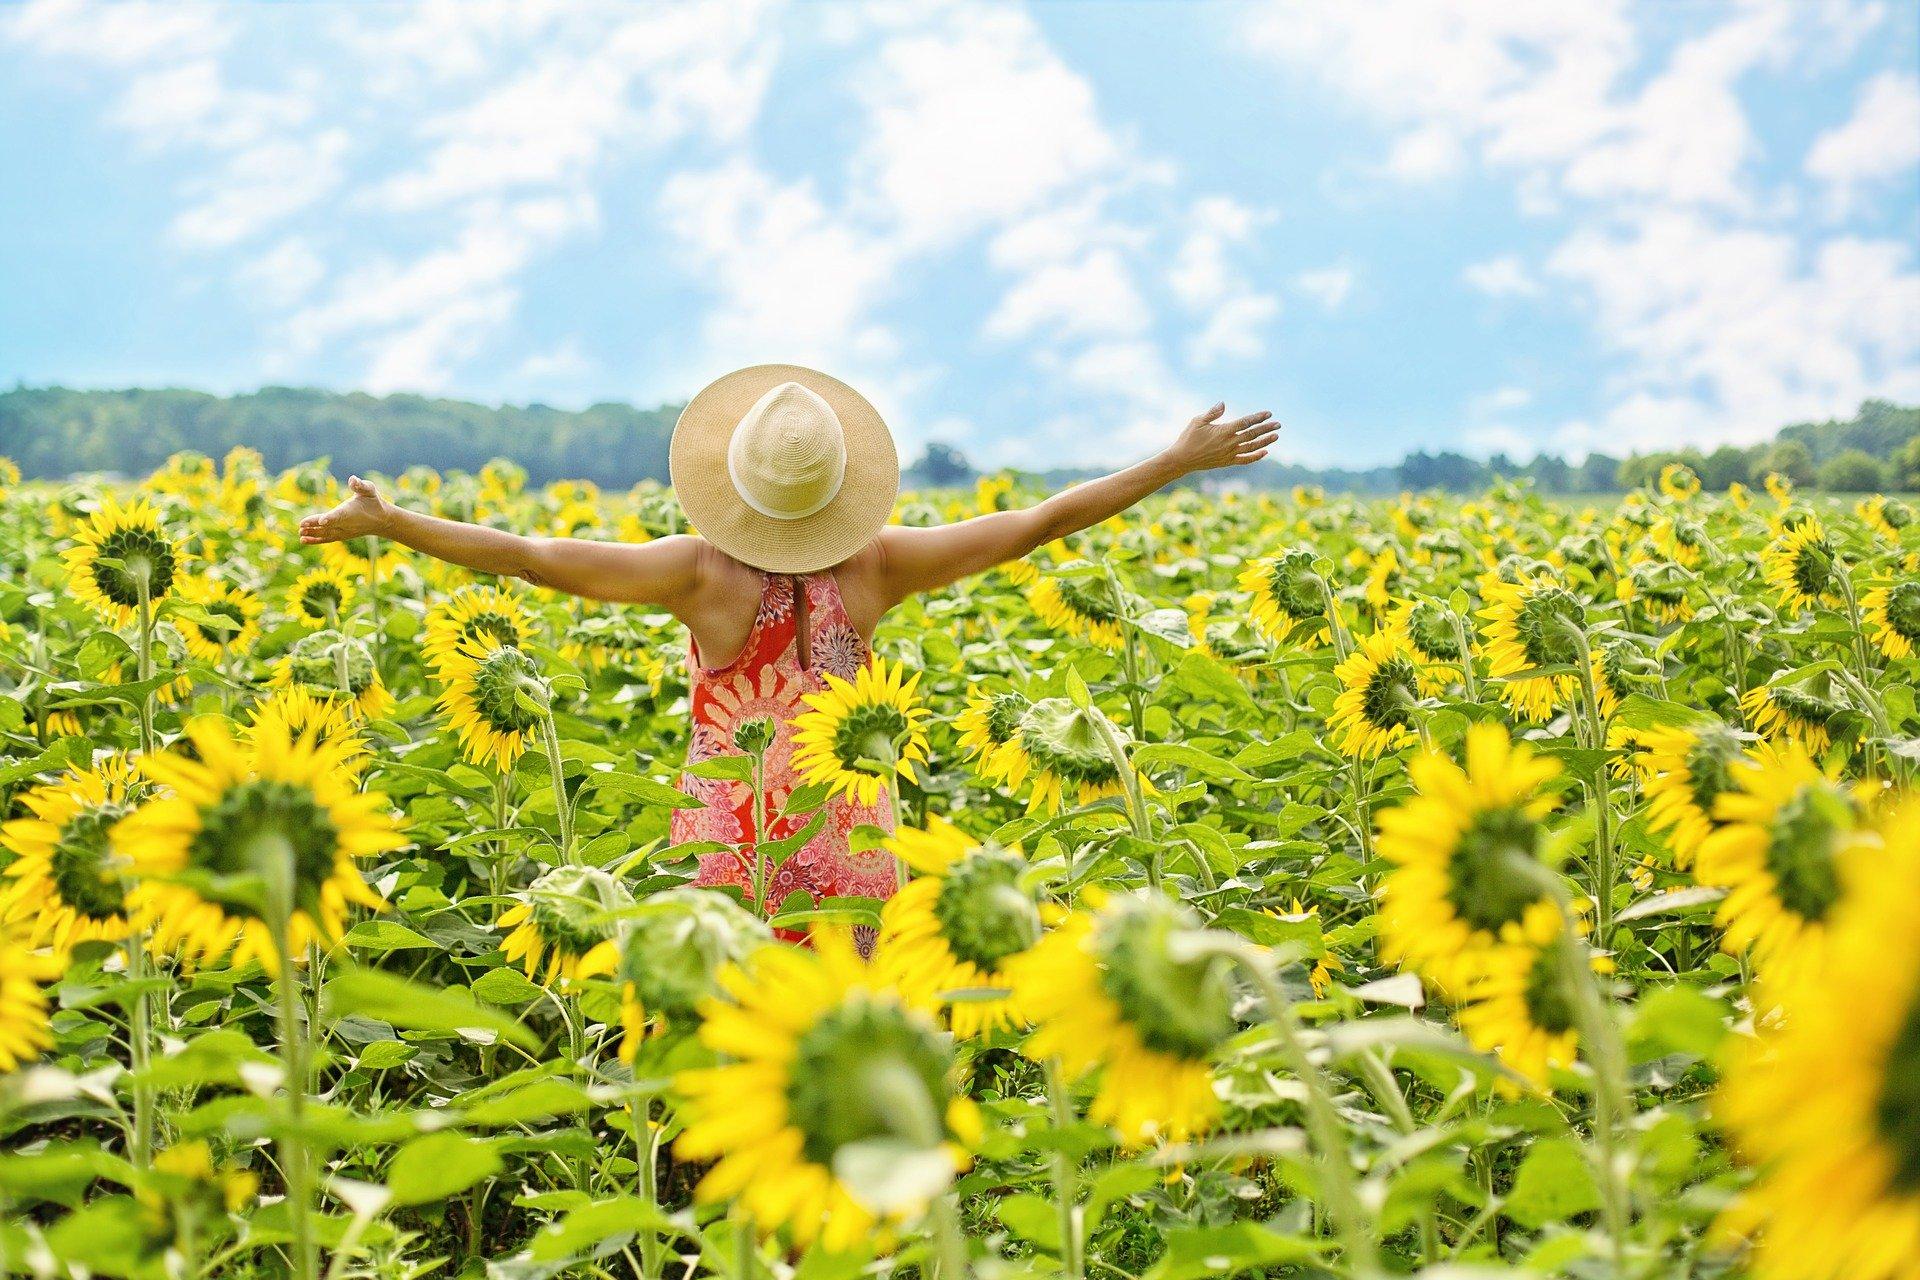 sunflowers-3640938_1920 (1)